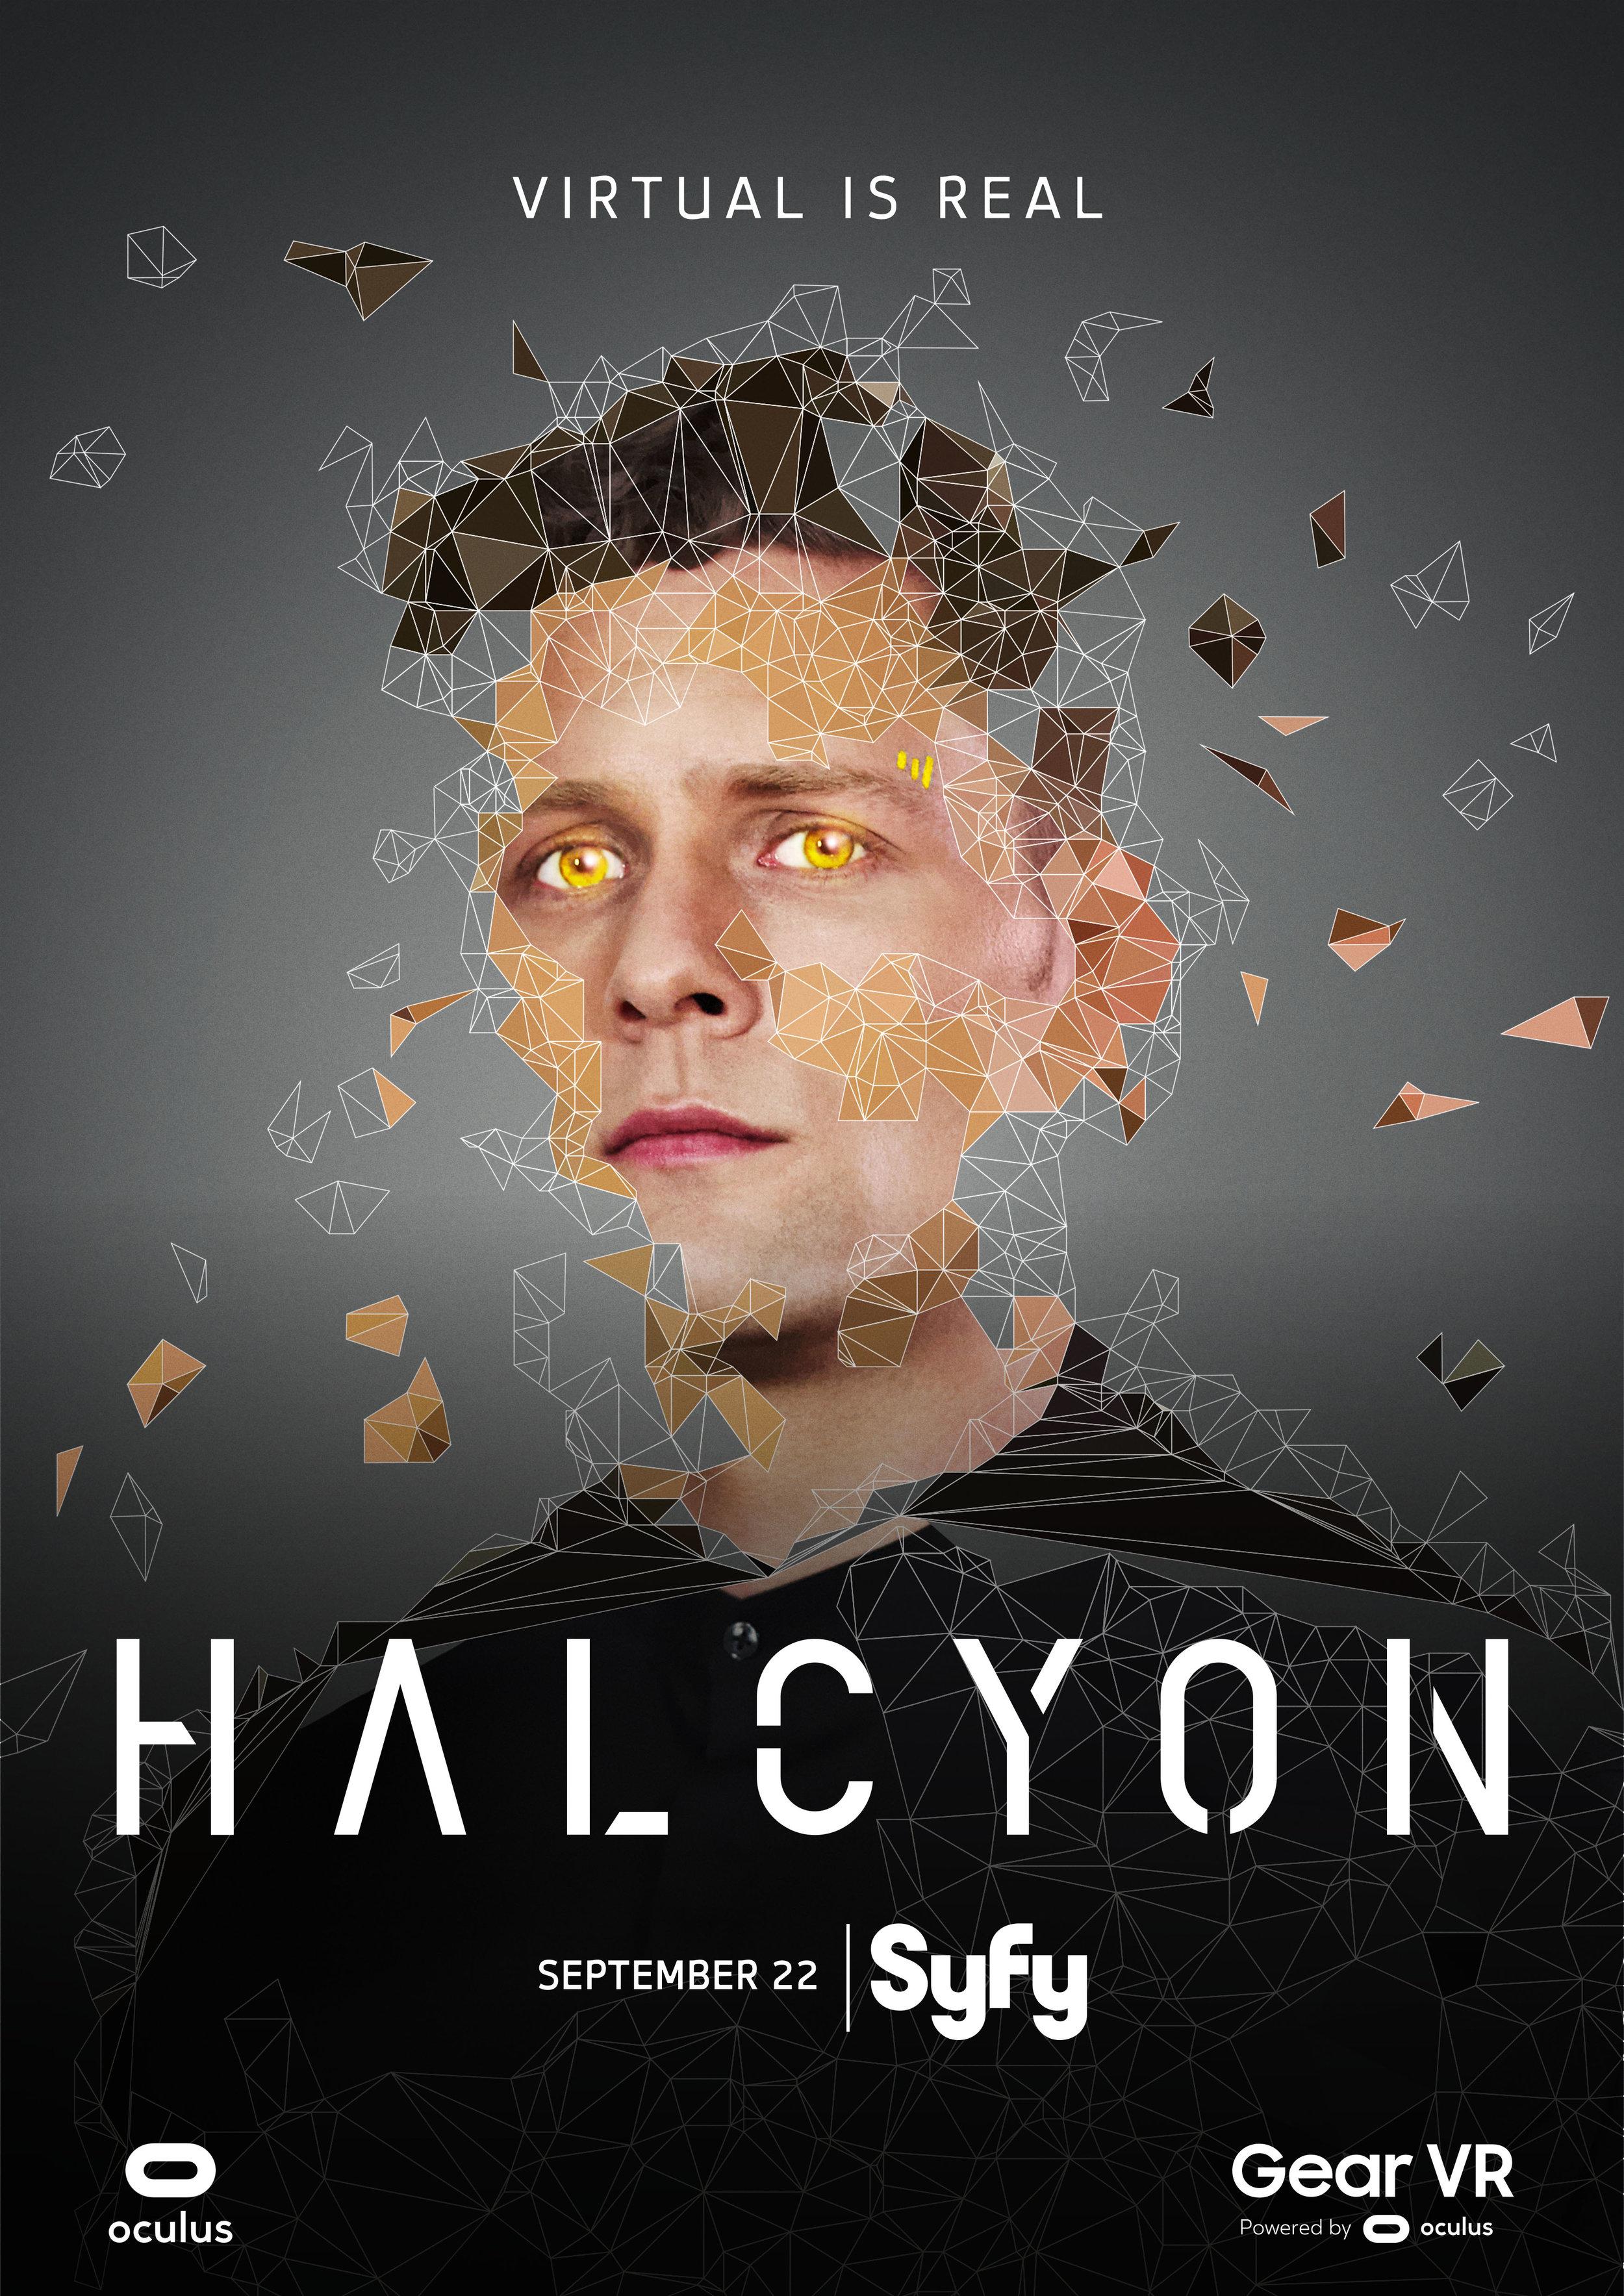 Halcyon_KeyArt_Alan_P_(300dpi)_FINAL.jpg